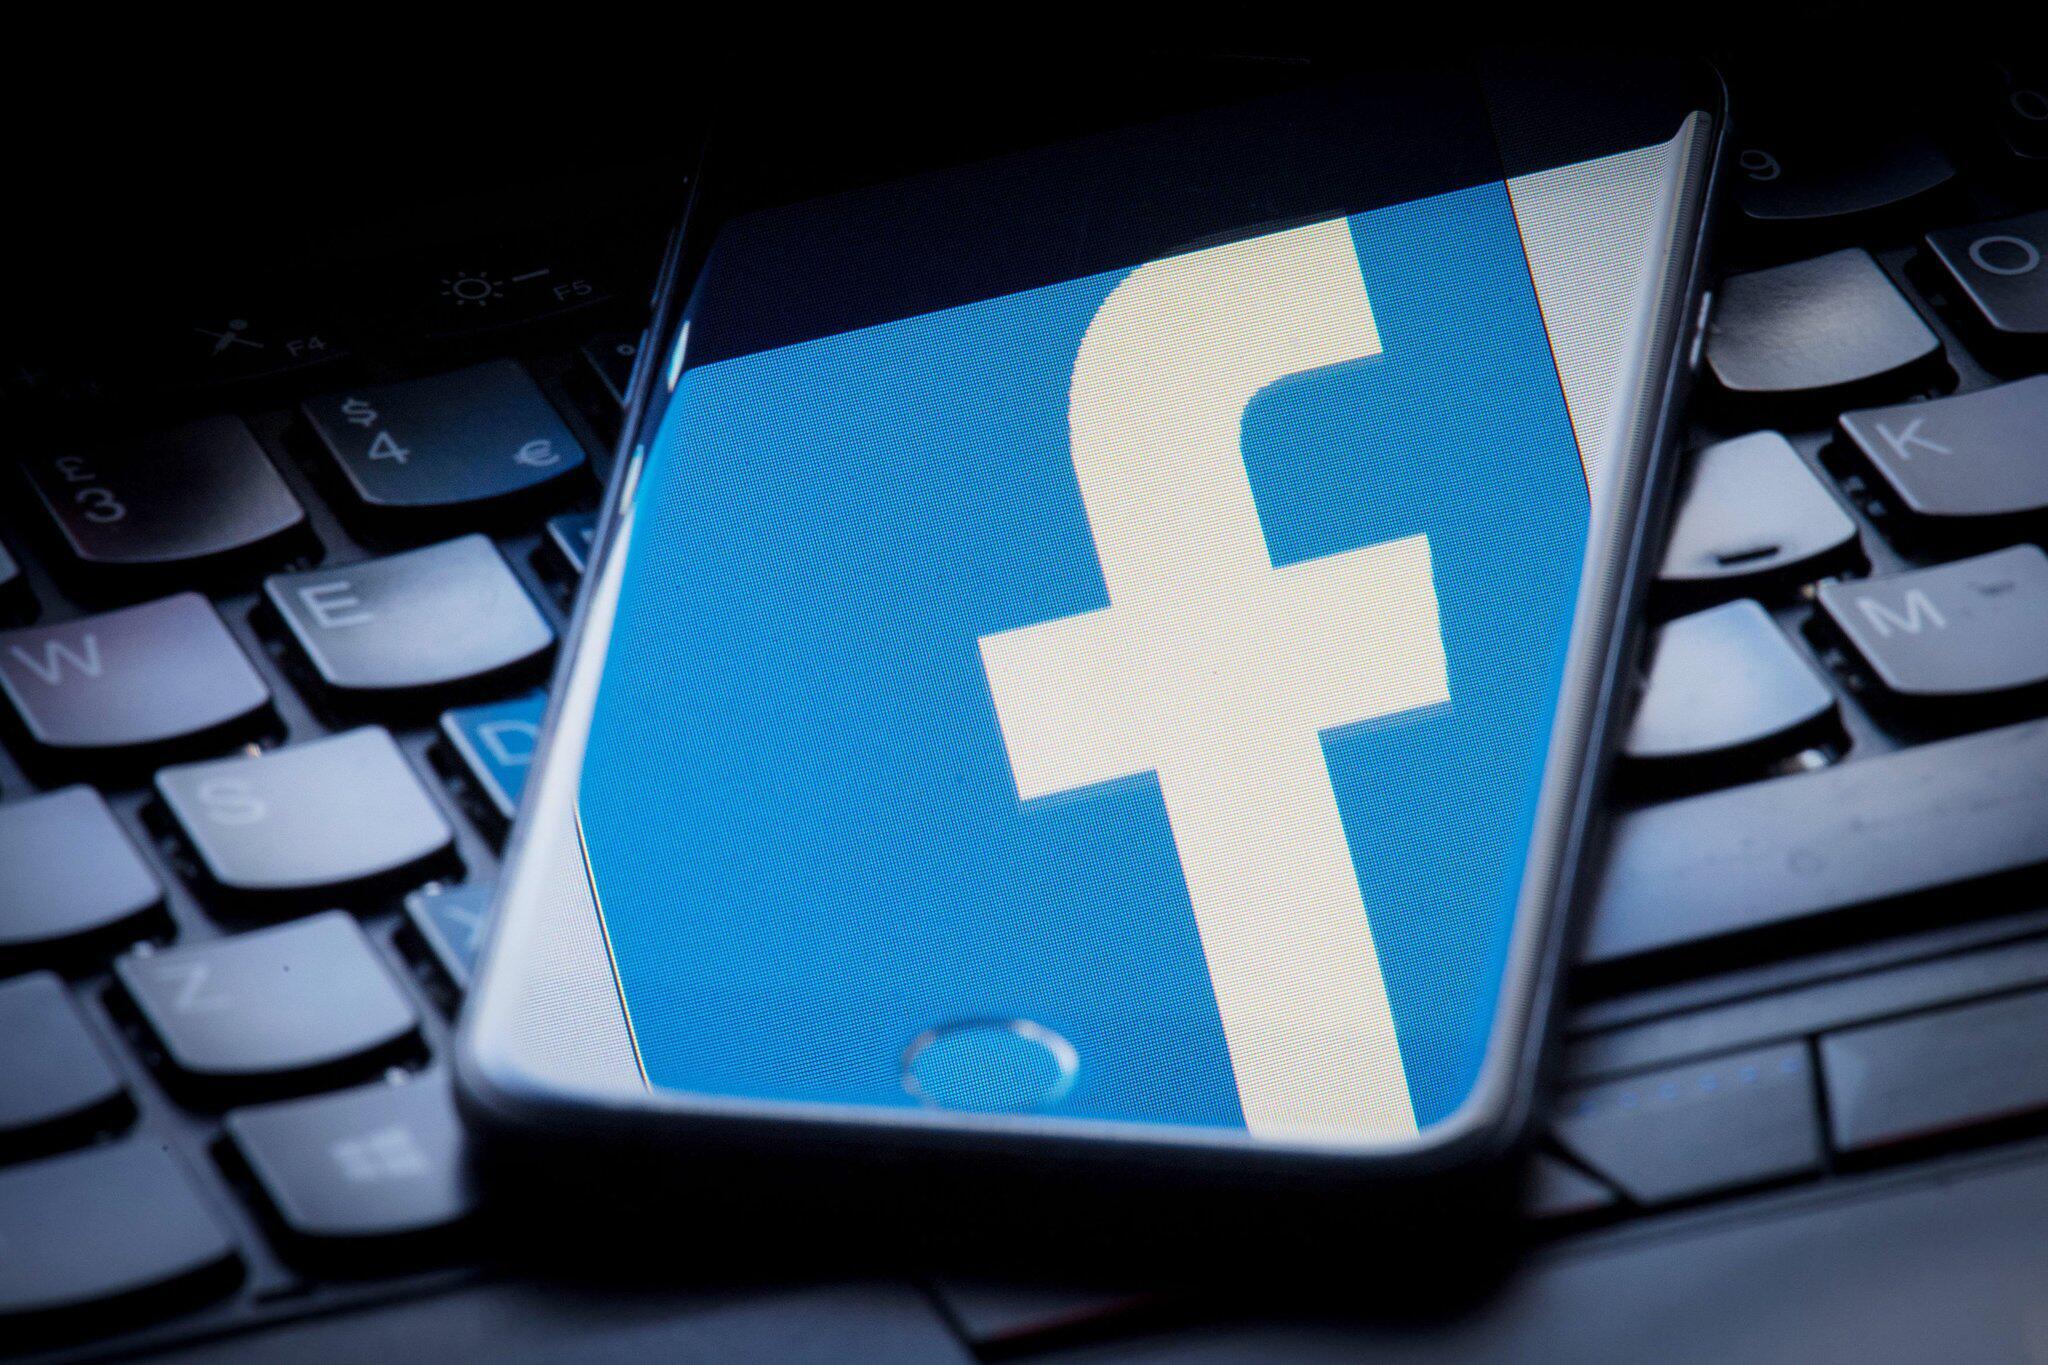 Bild zu Bericht: Facebook arbeitet an eigener Kryptowährung